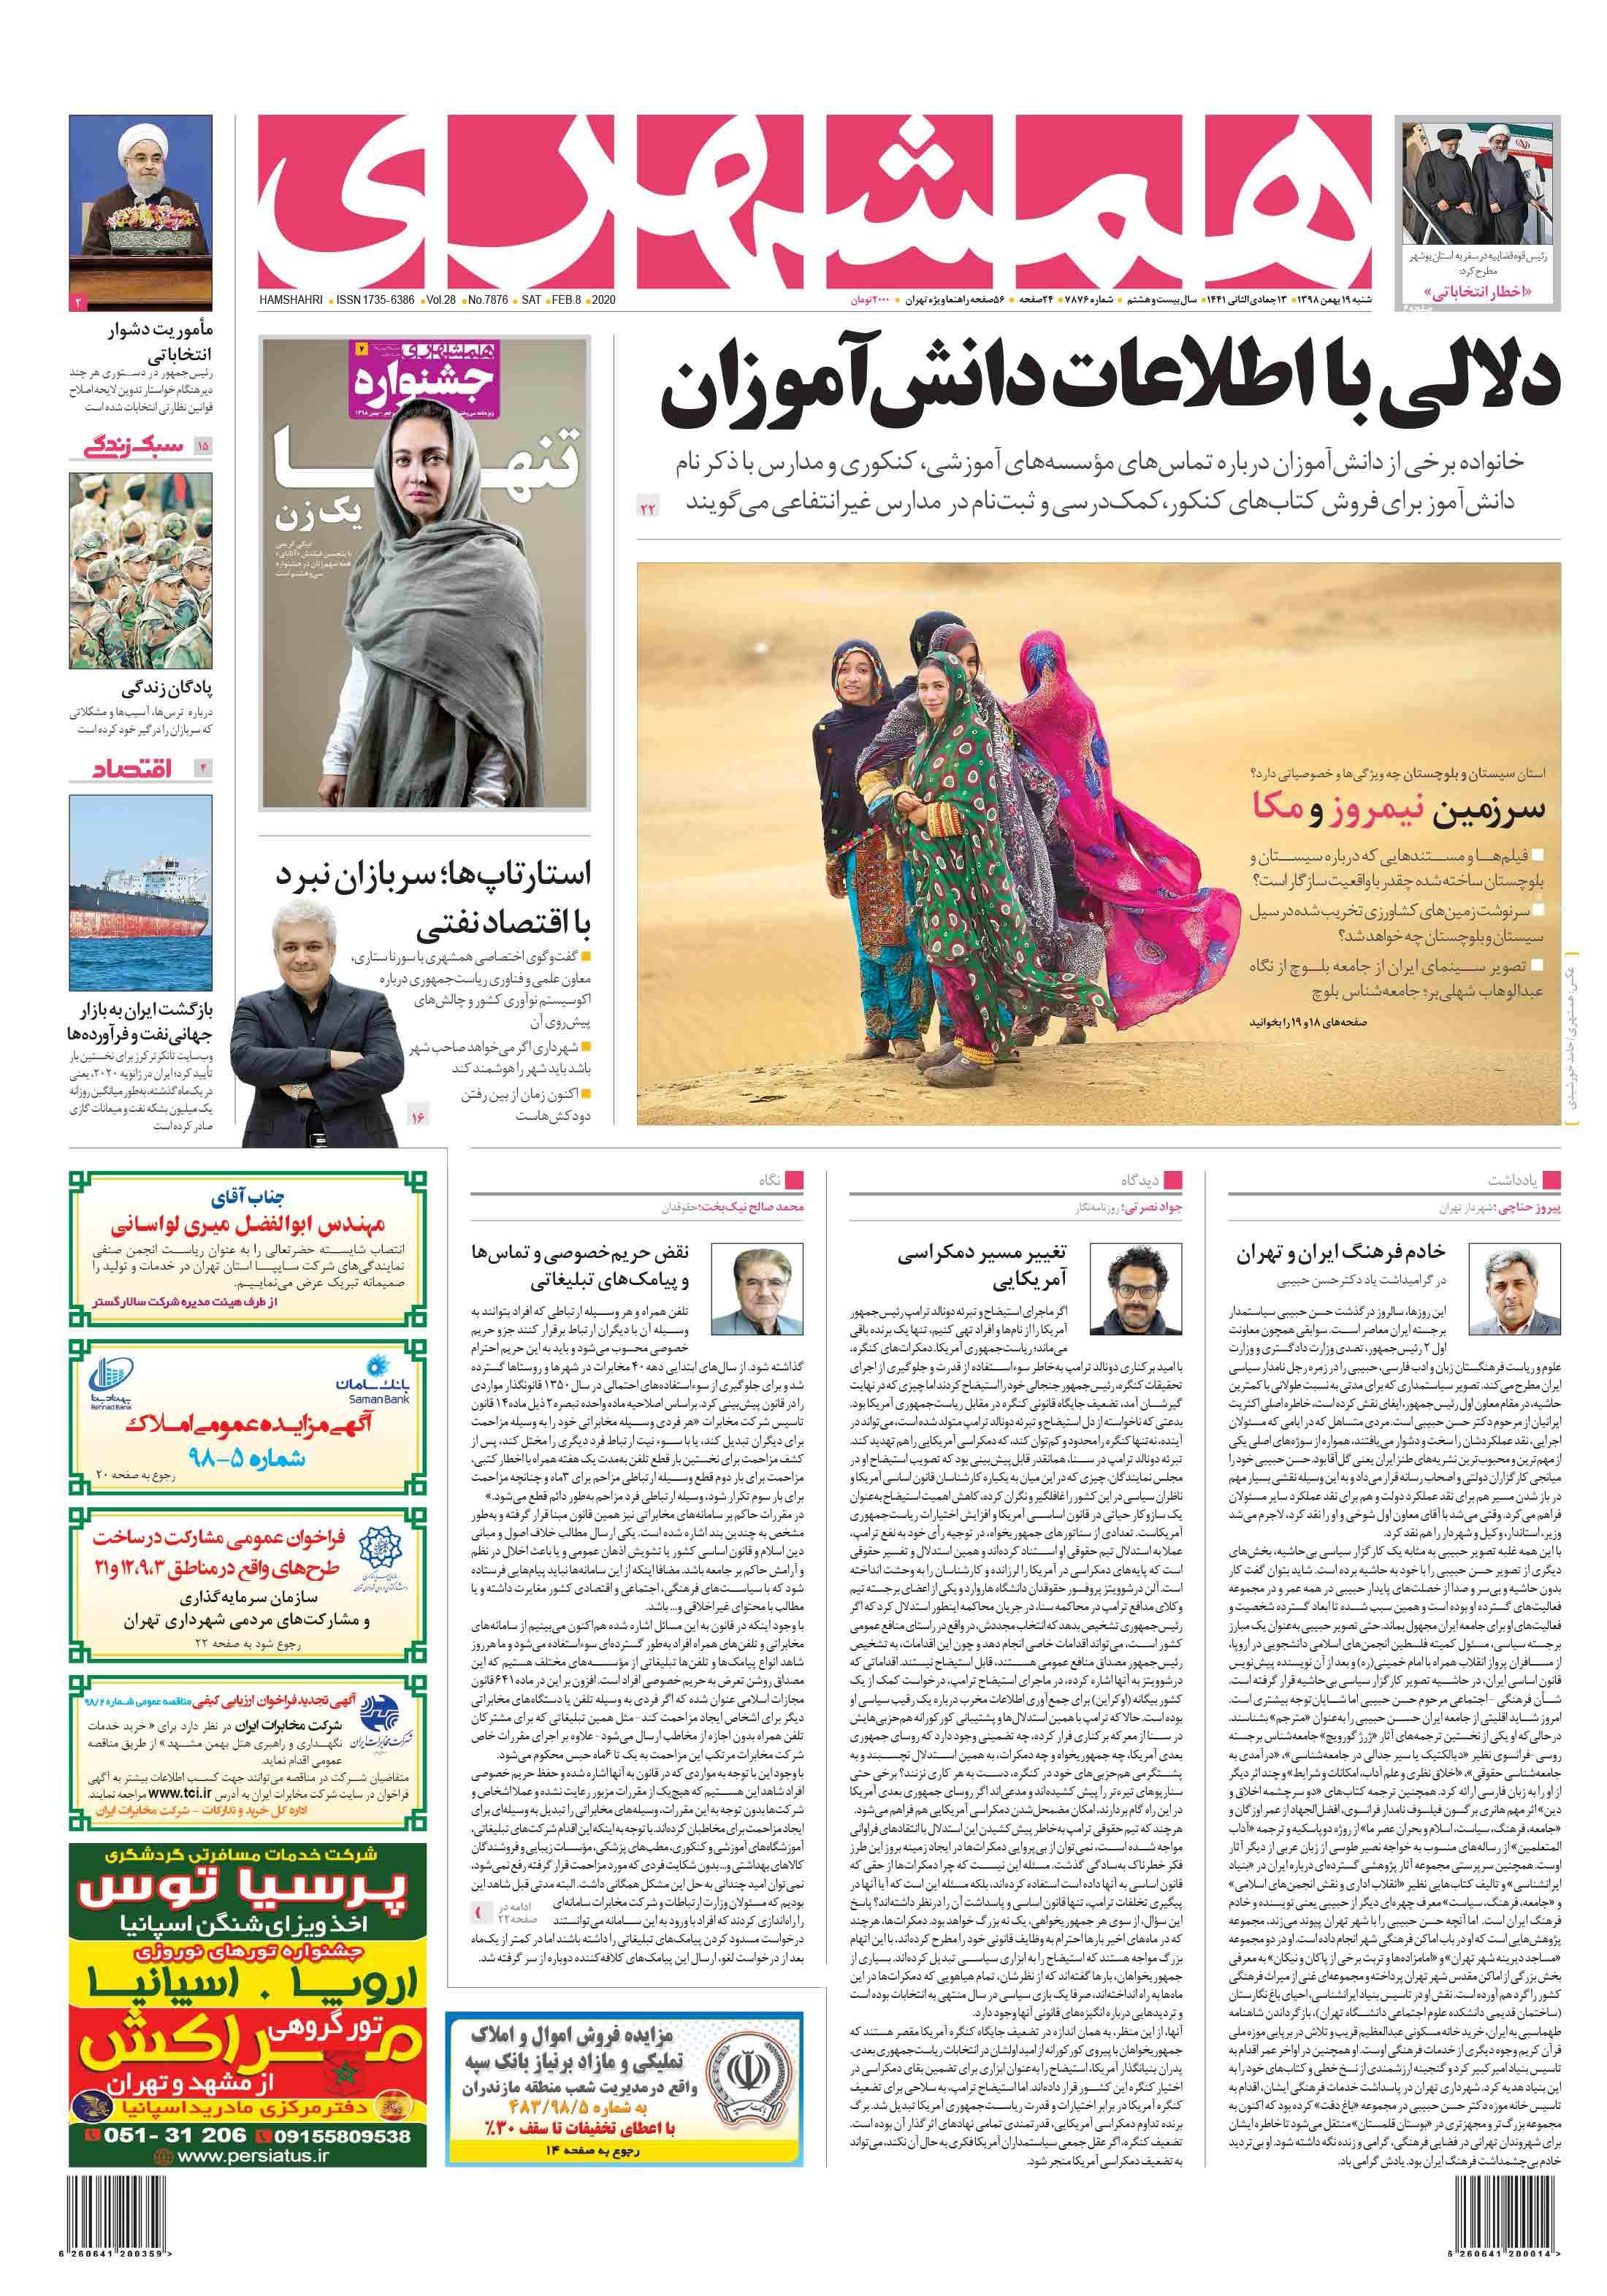 صفحه اول شنبه 19 بهمن 1398